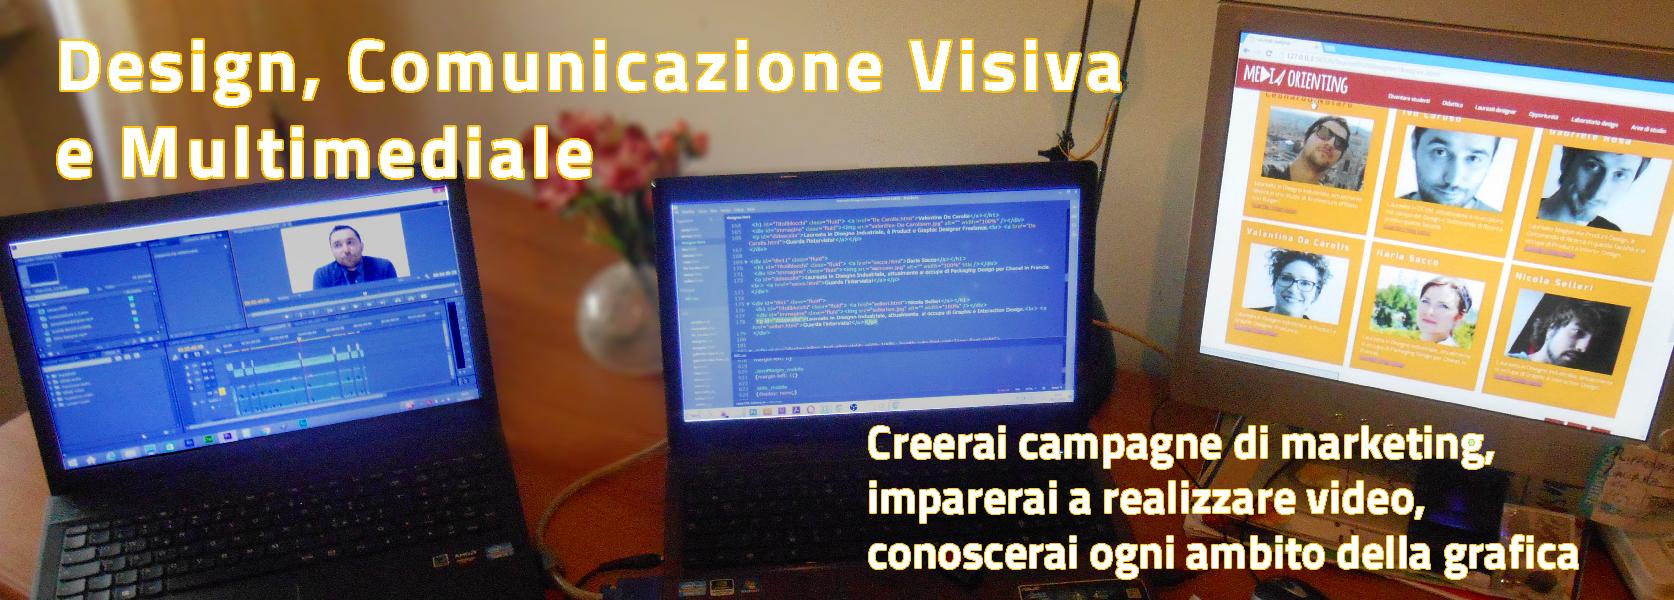 Design, Comunicazione Visiva e Multimediale